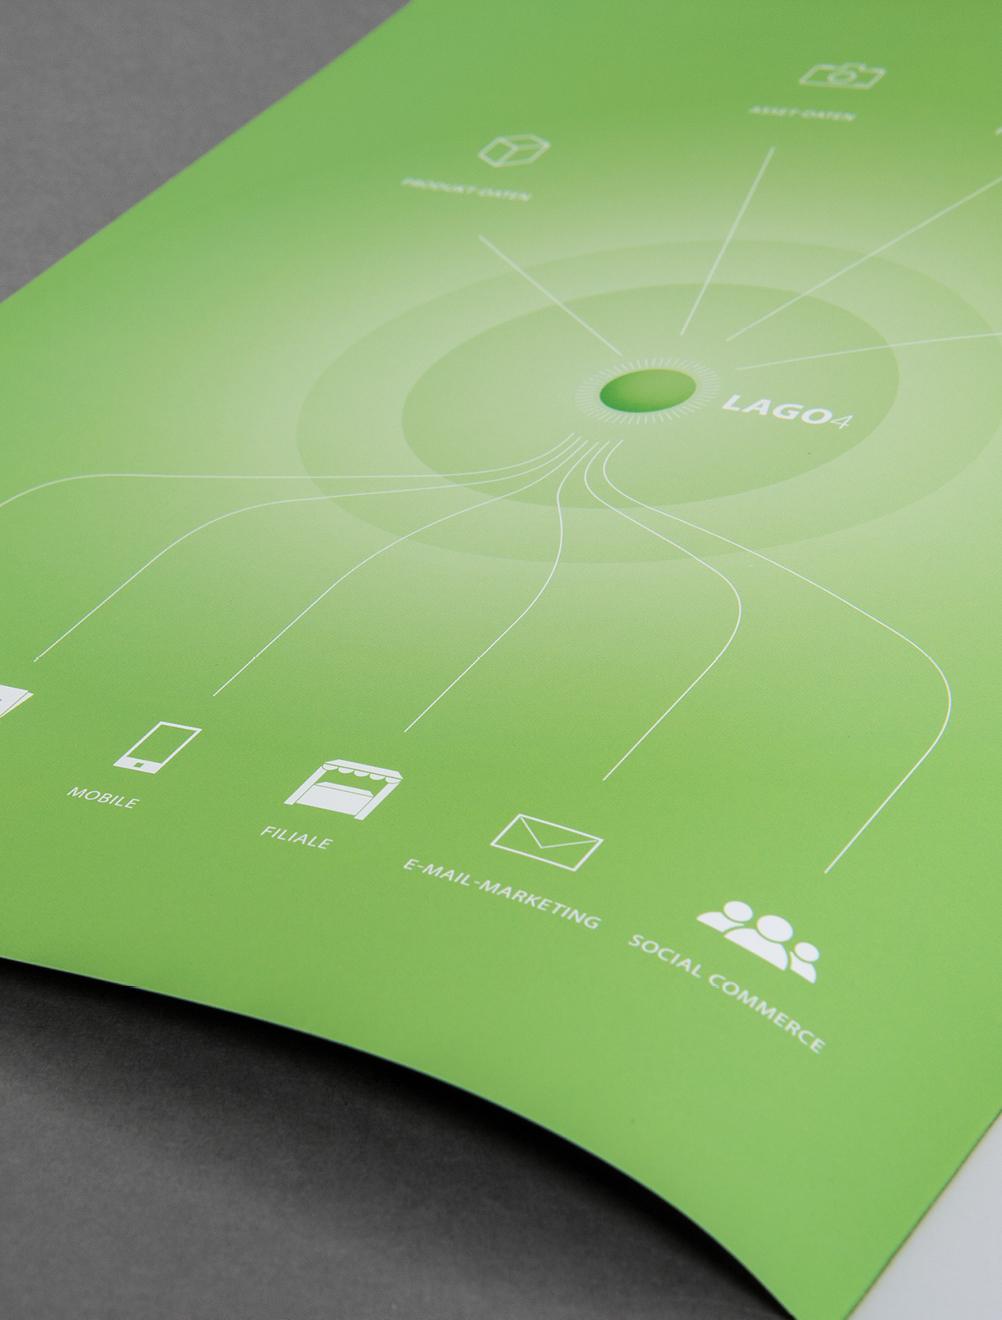 Illustration Mobile, Filiale, E-mail-Marketing, Social Commerce für Lago4 von Comosoft. Gestaltung von den sons of ipanema aus Köln.